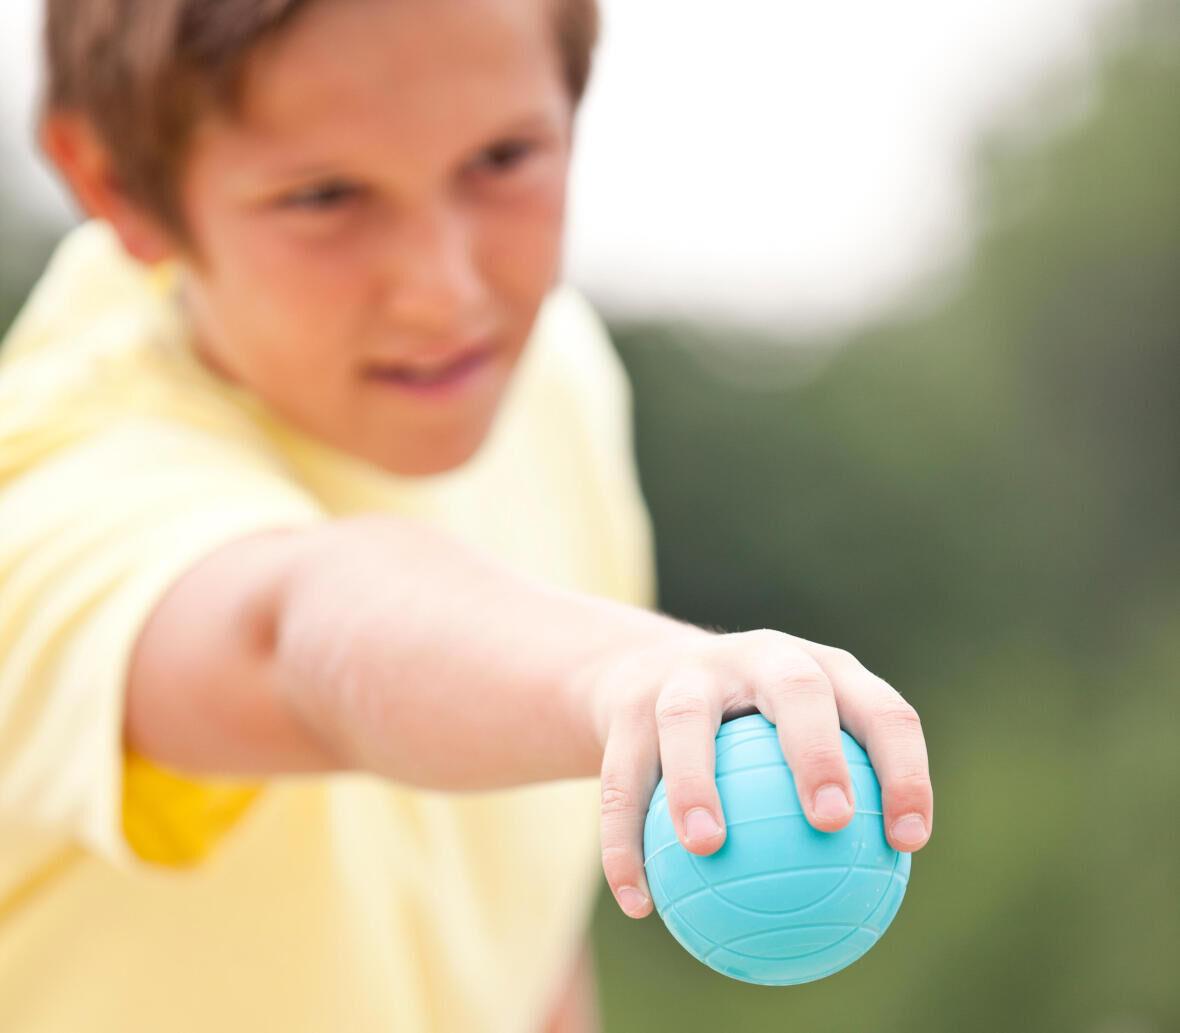 pétanque-jeune-enfant-concentration